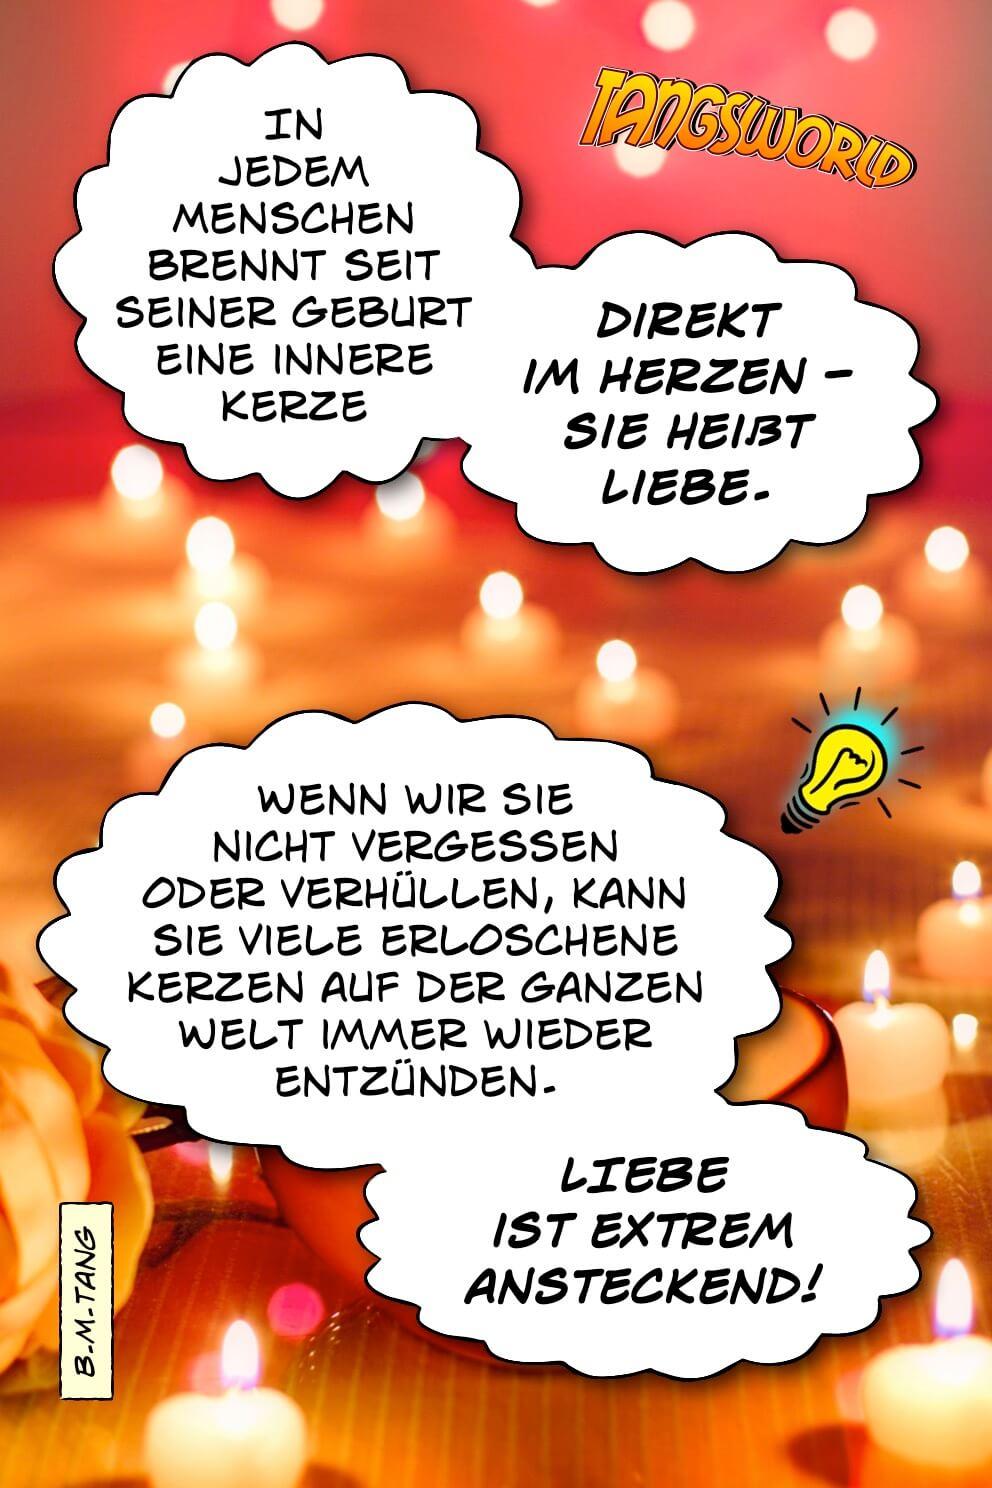 In jedem Menschen brennt seit seiner Geburt eine innere Kerze … direkt im Herzen … sie heißt Liebe. Wenn wir sie nicht vergessen oder verhüllen, kann sie viele erloschene Kerzen auf der ganzen Welt immer wieder entzünden. Liebe ist extrem ansteckend! - Geistesblitze | B.M.Tang